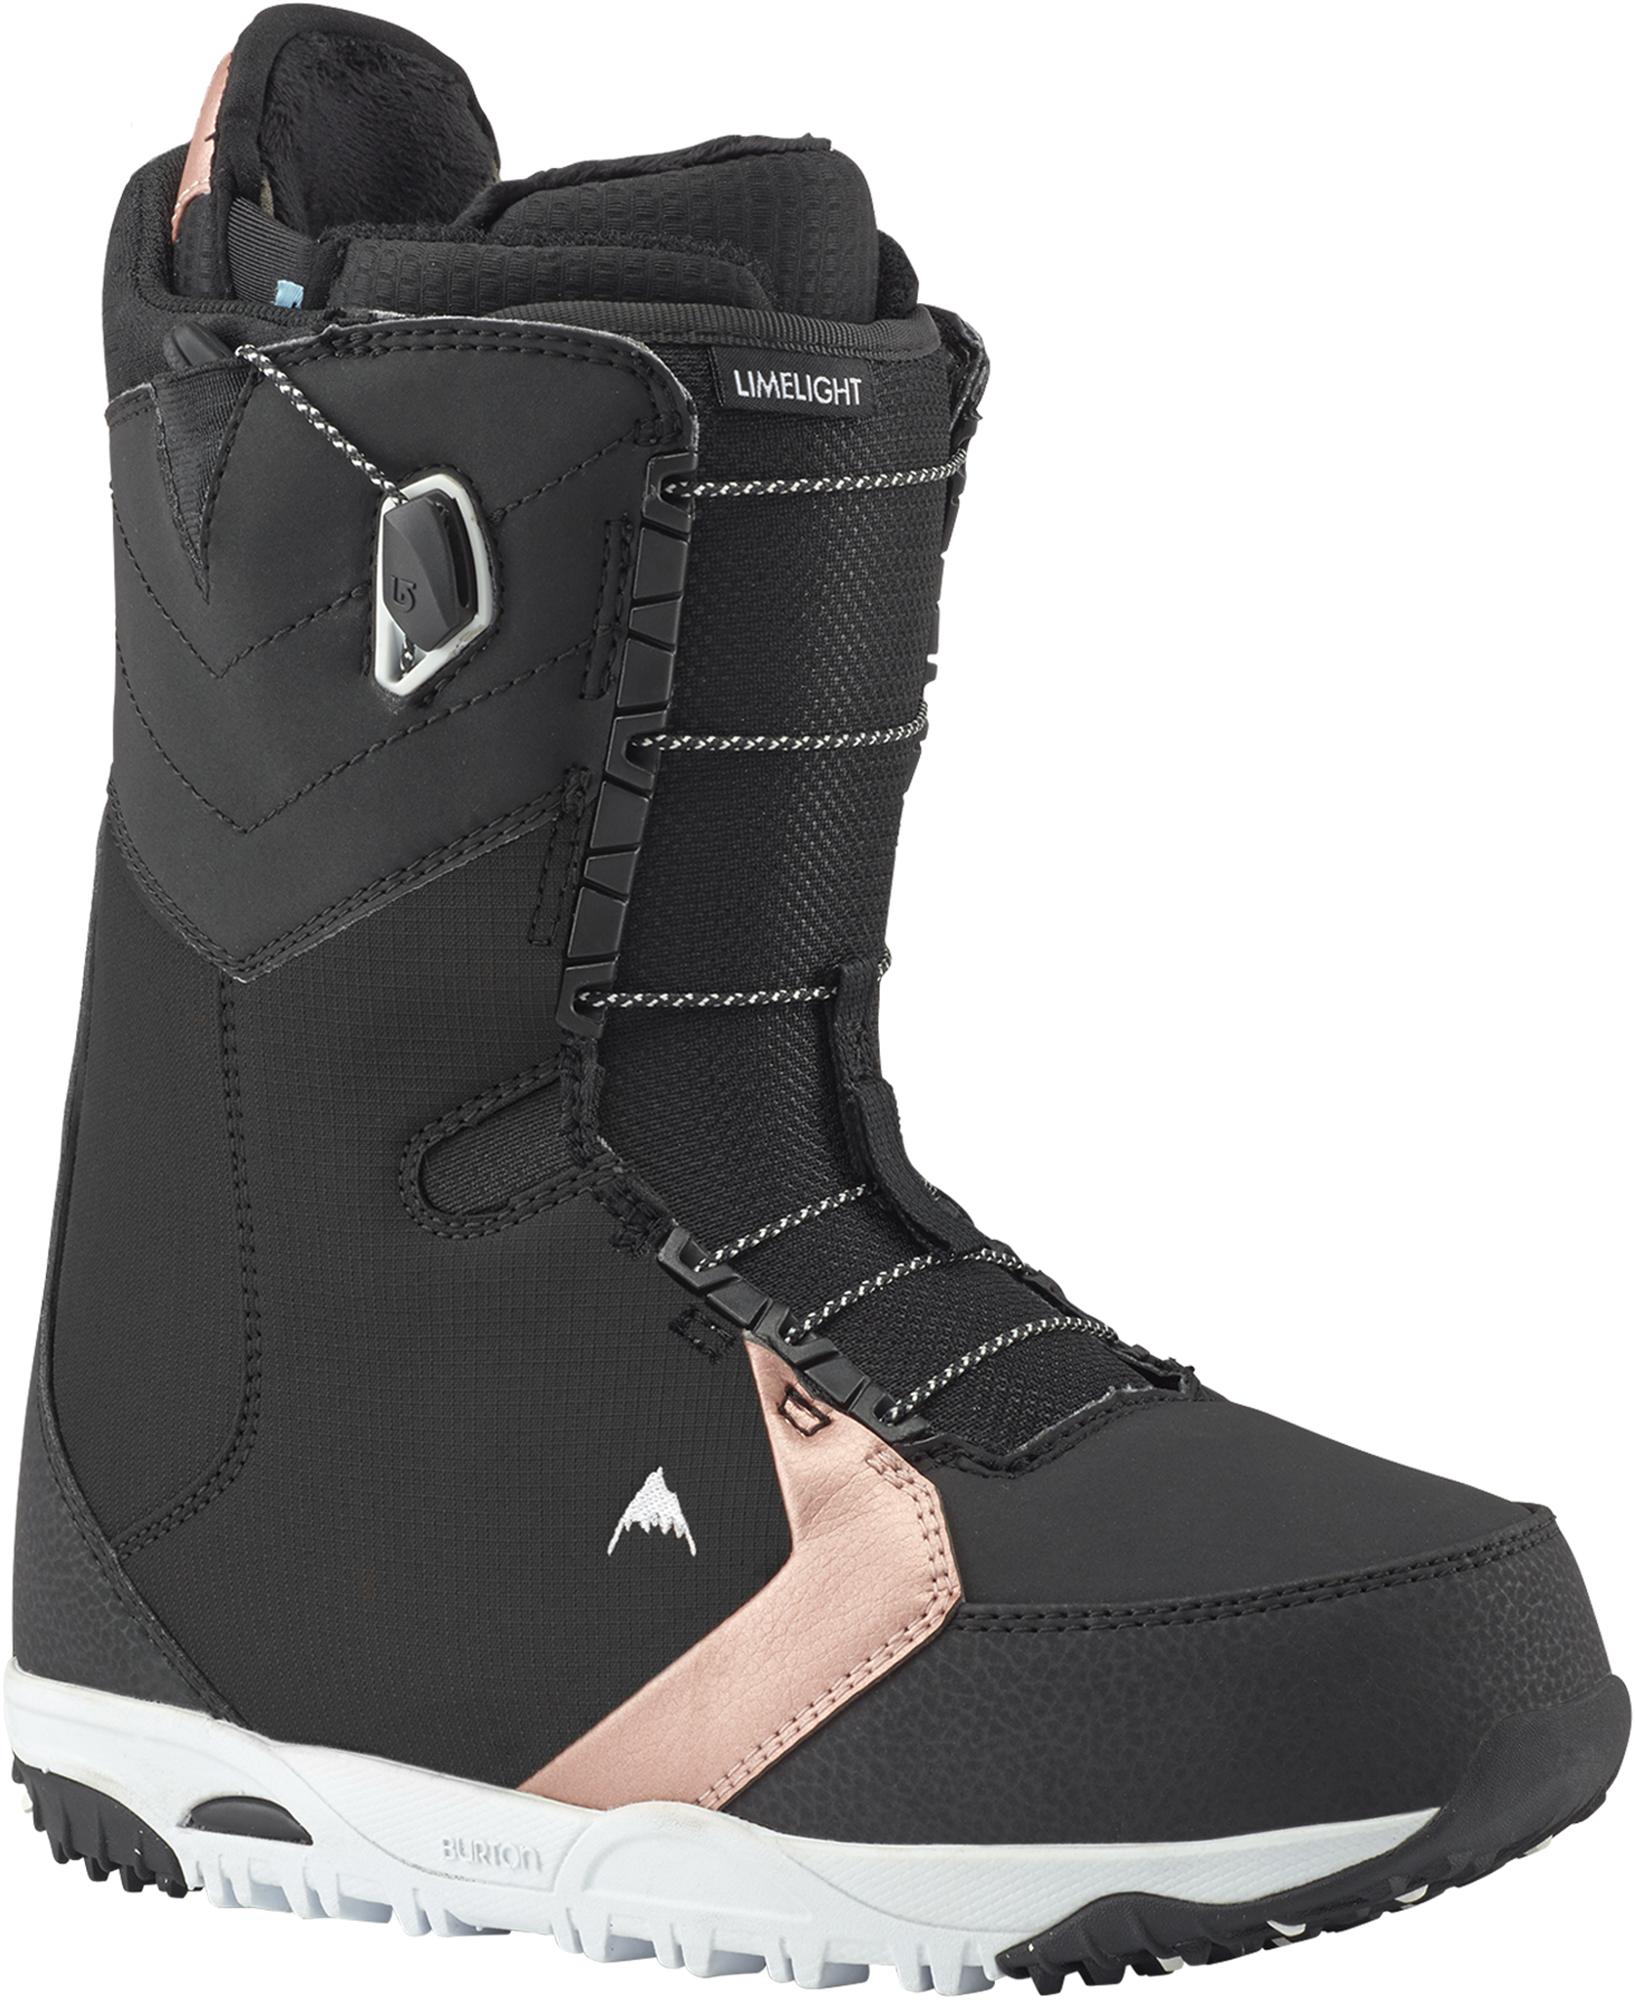 все цены на Burton Сноубордические ботинки женские Burton Limelight, размер 39